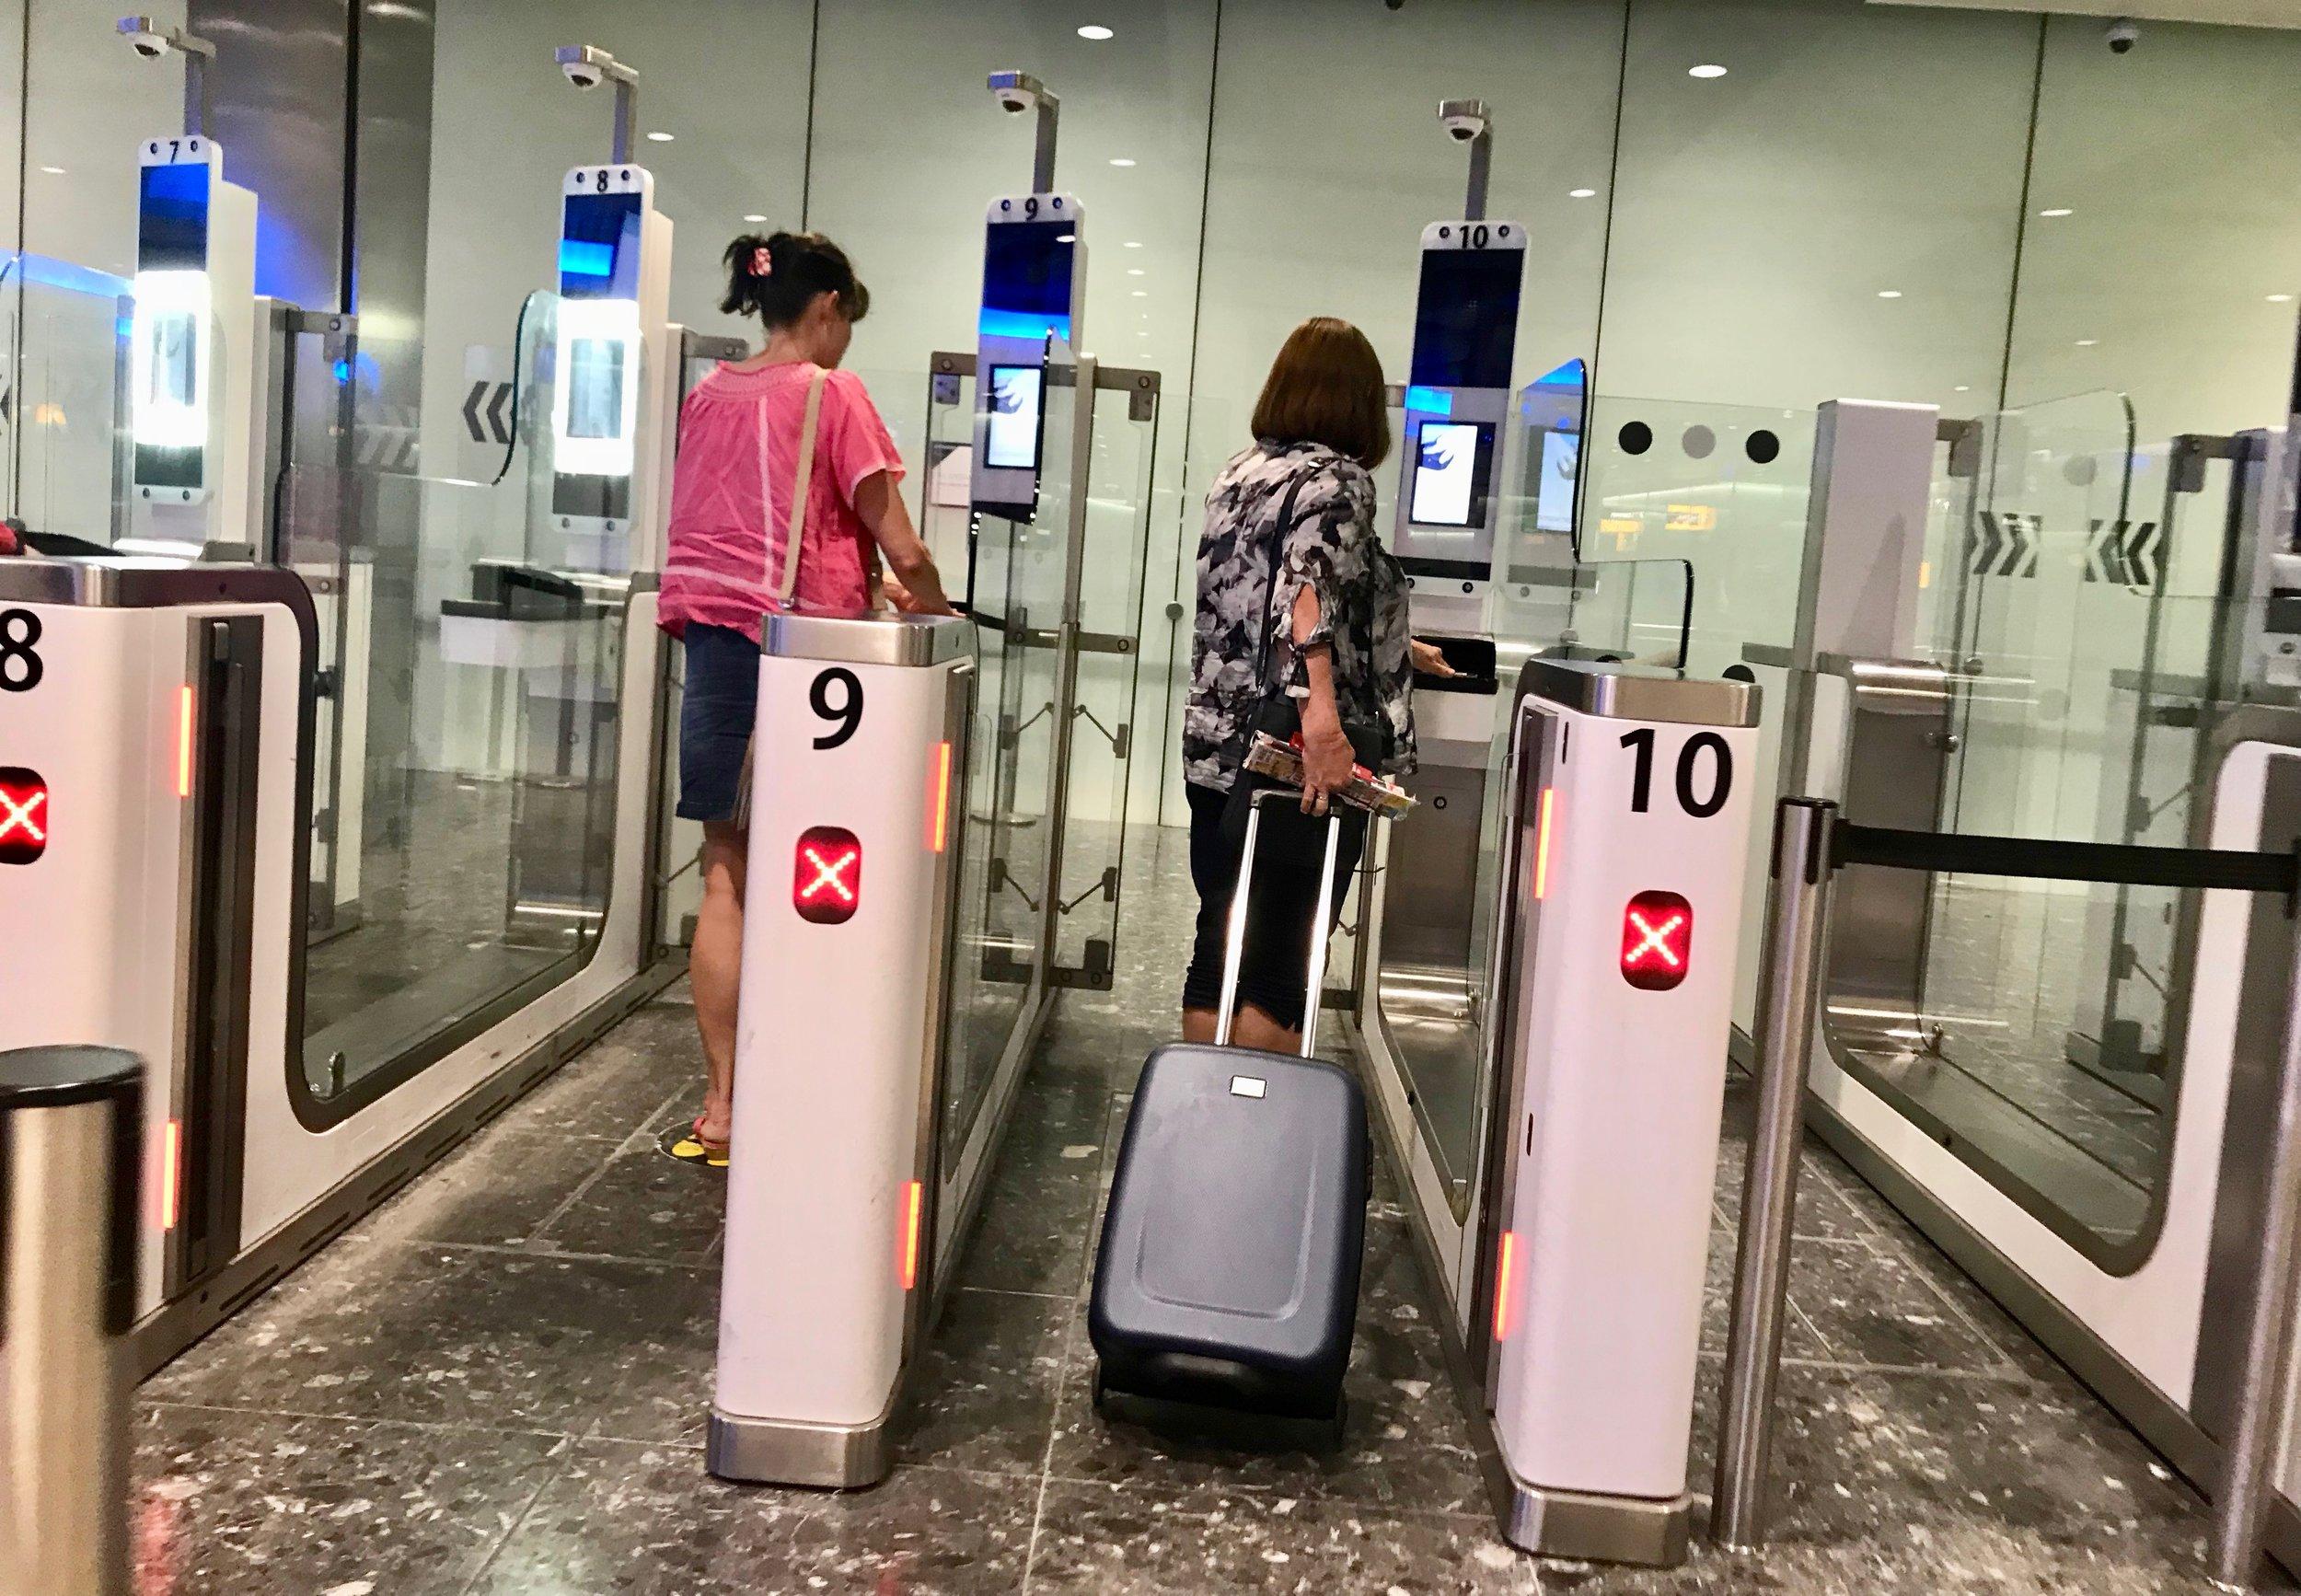 Flyplassen på Heathrow er klimaaksjonistenes neste mål. Det kan ramme påsketrafikken hardt. Foto: Odd Roar Lange